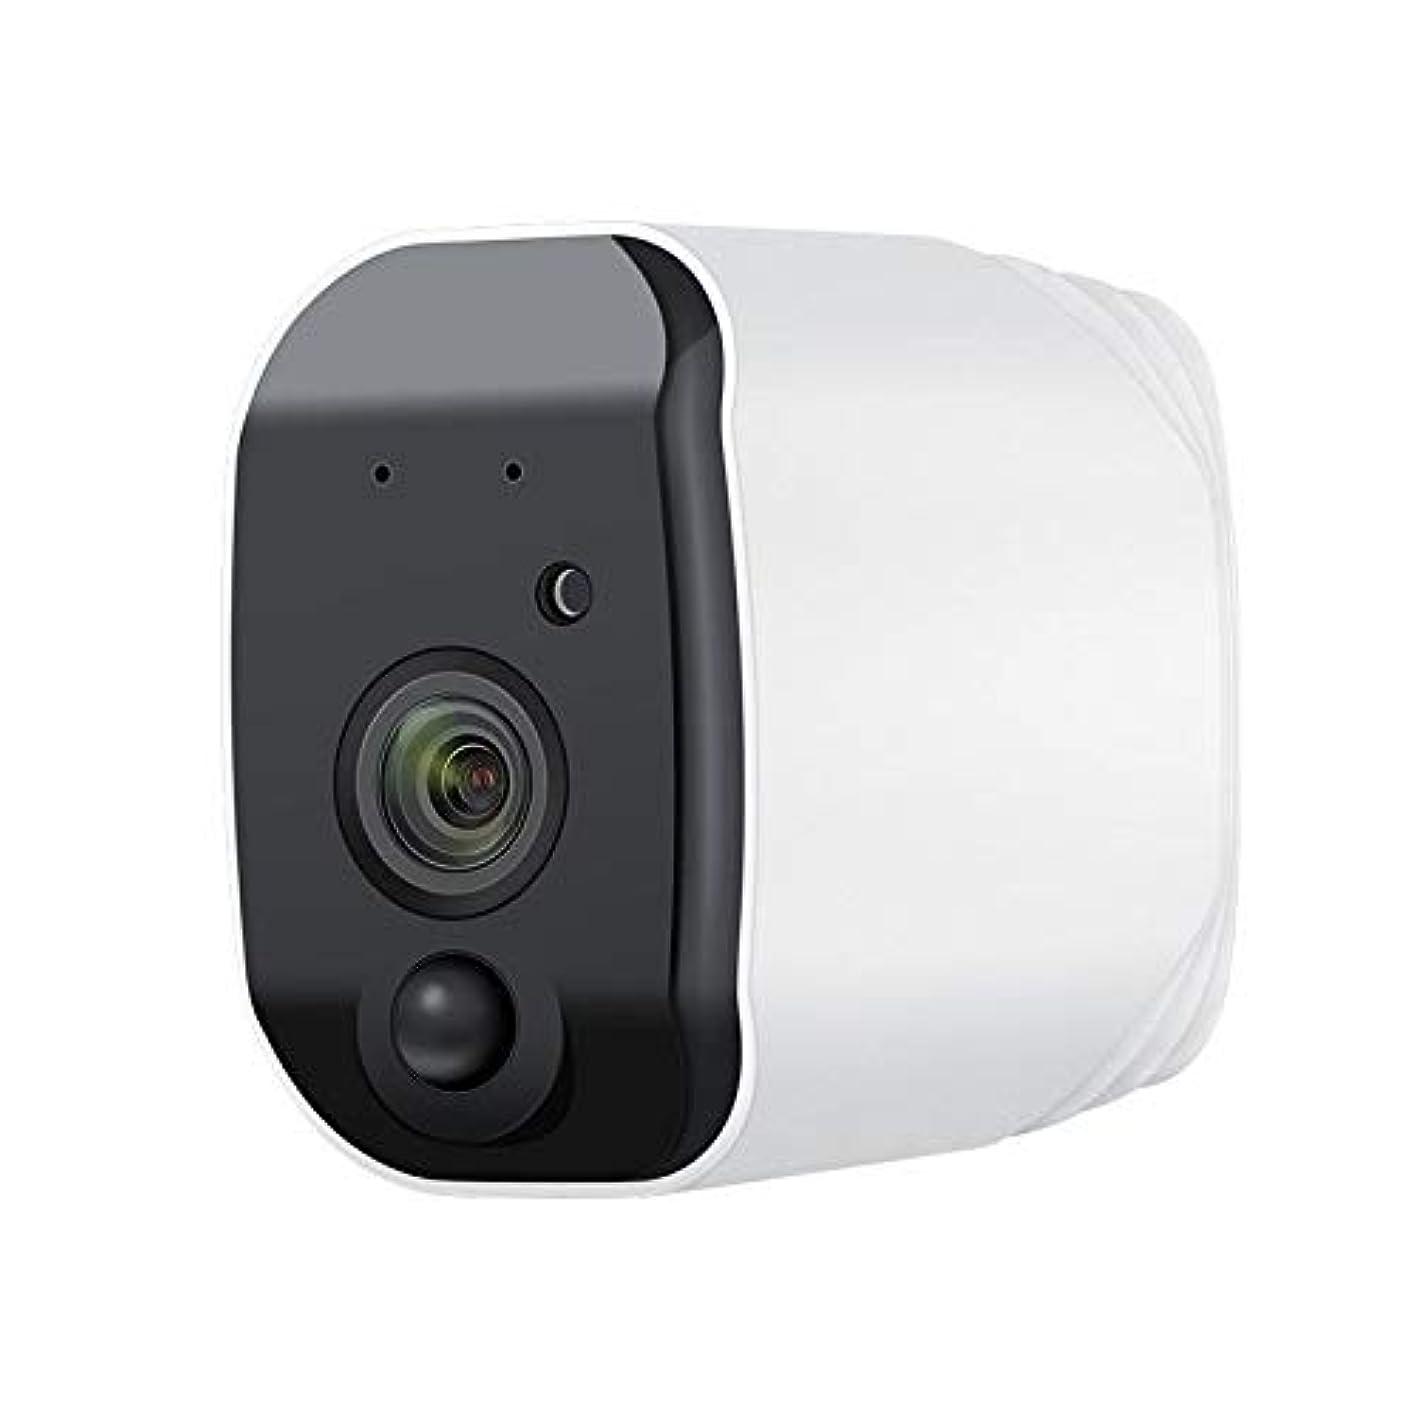 軍千スパイラルスパイカメラWiFi隠しカメラミニワイヤレスHD 1080 P屋内ホーム小さなスパイ乳母カムセキュリティカメラ付きモーション検出/ナイトビジョン用ホーム、車、オフィス、屋外用